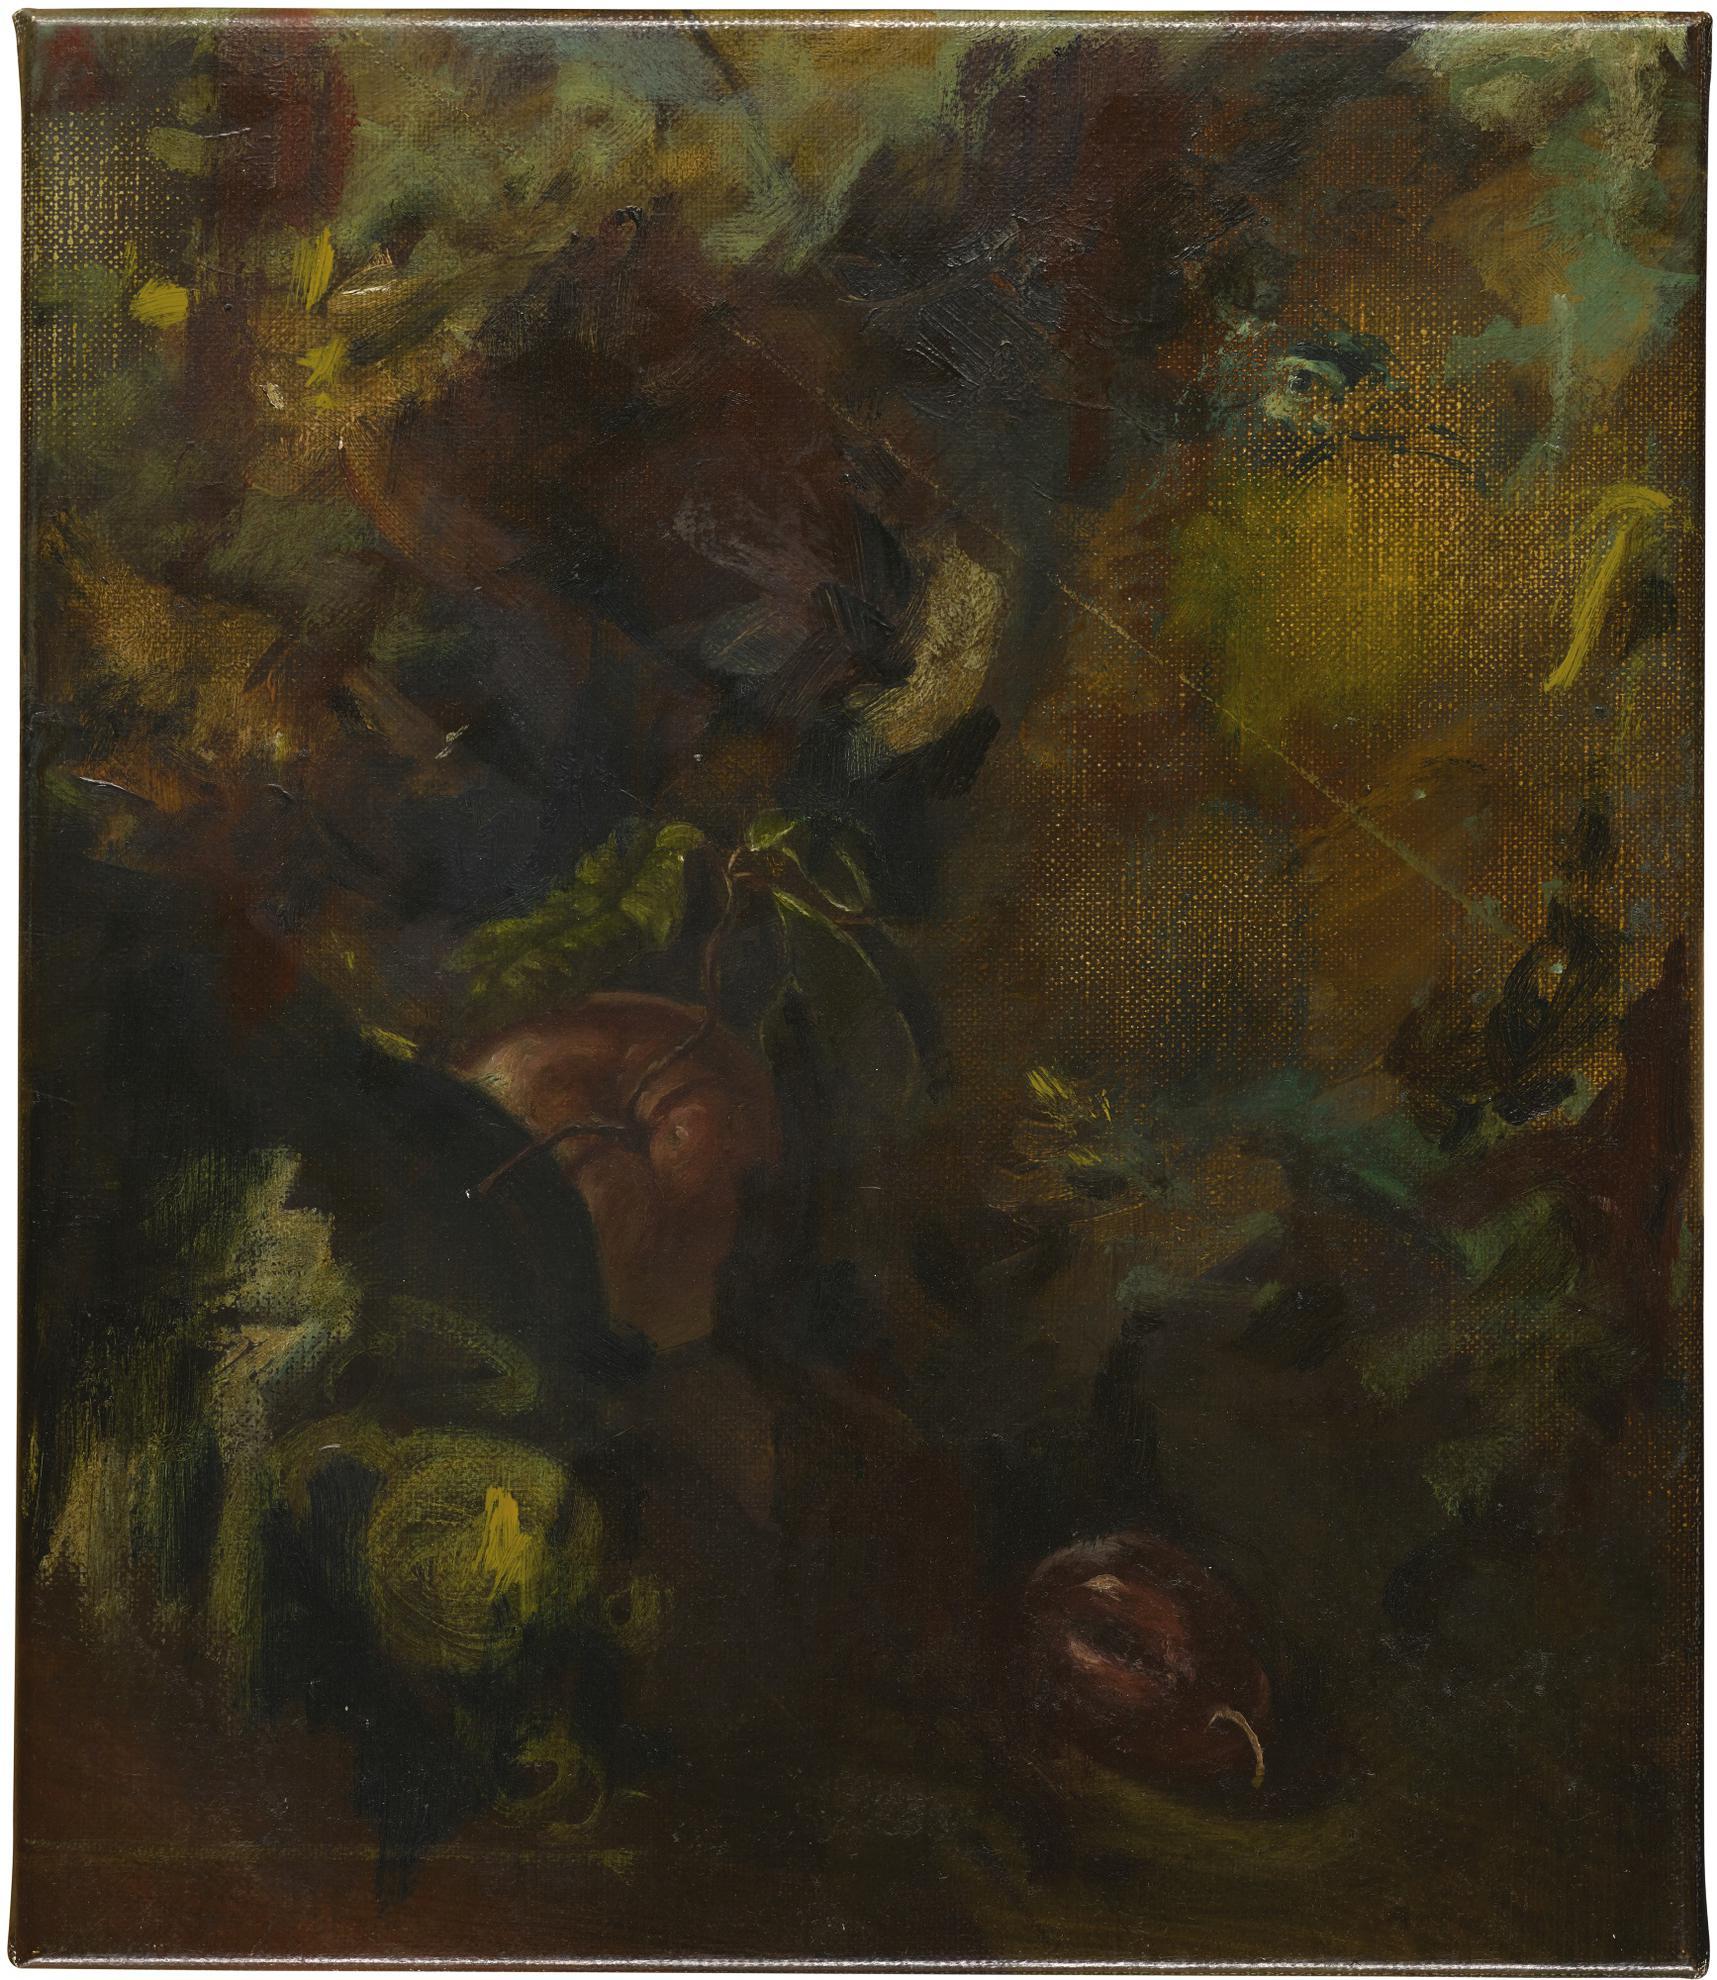 Christopher Orr - Golden Gift-2009